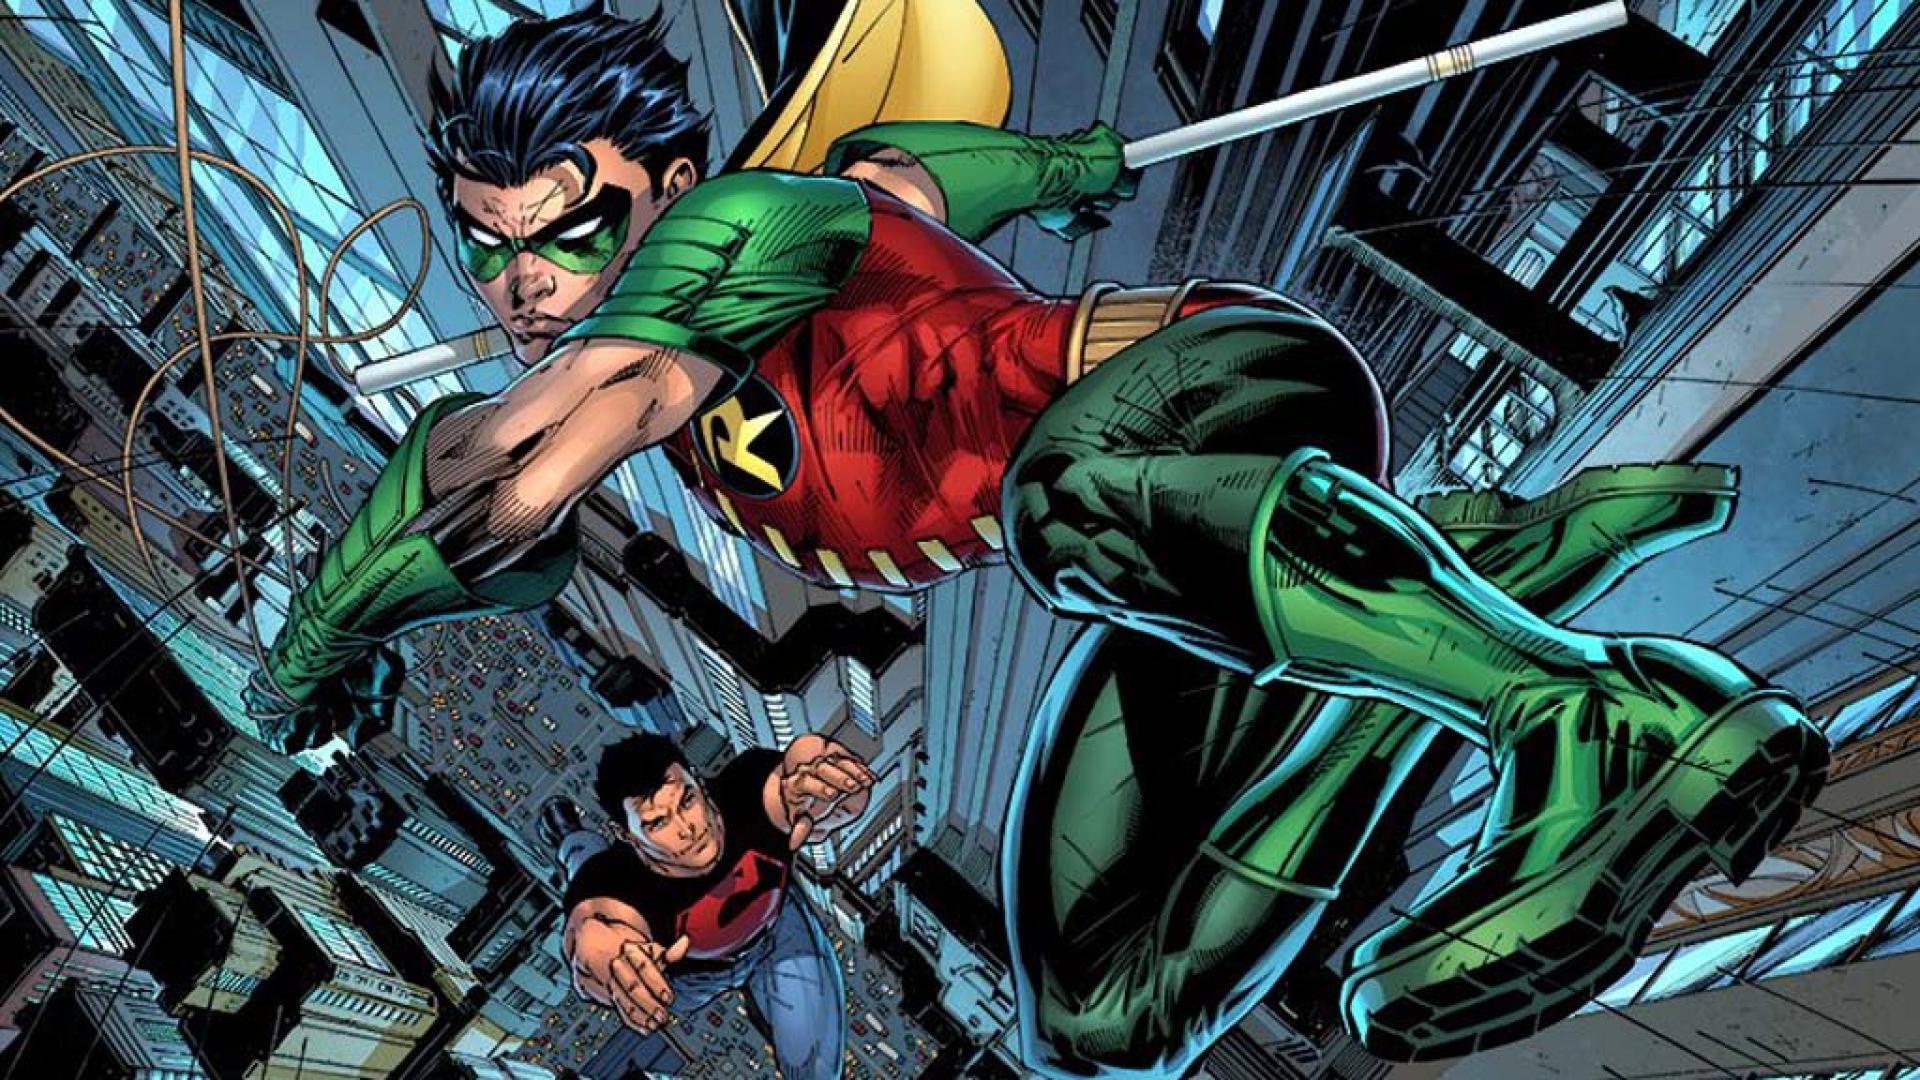 Dc comics robin superboy teen titans young justice 1920x1080